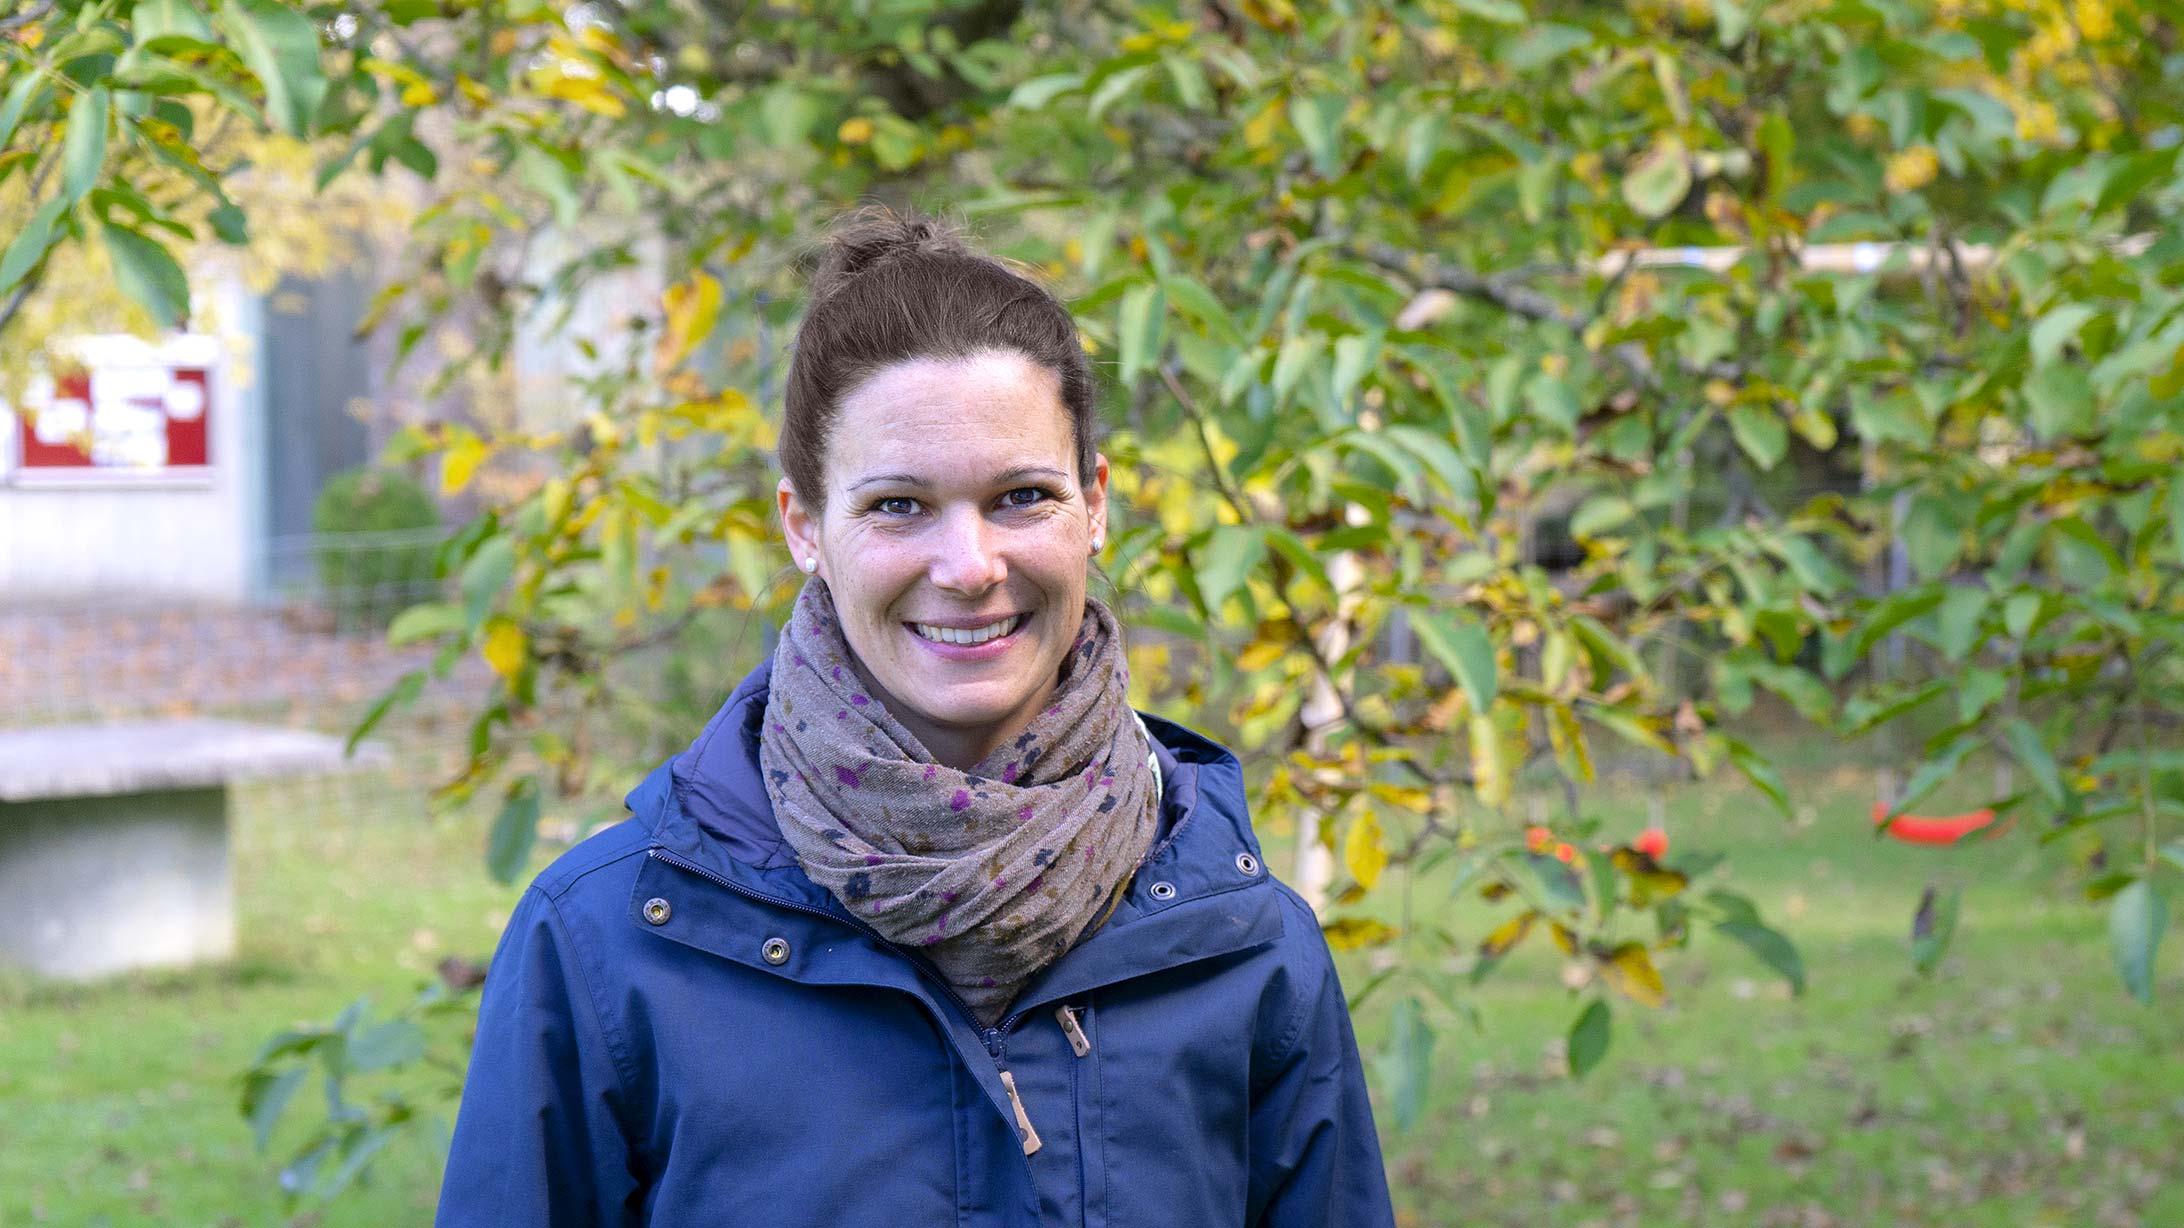 Cordula Peterhans steht in ihrem Garten. Sie lässt ihren Lungenkrebs mit einer molekularen Krebstherapie behandeln.